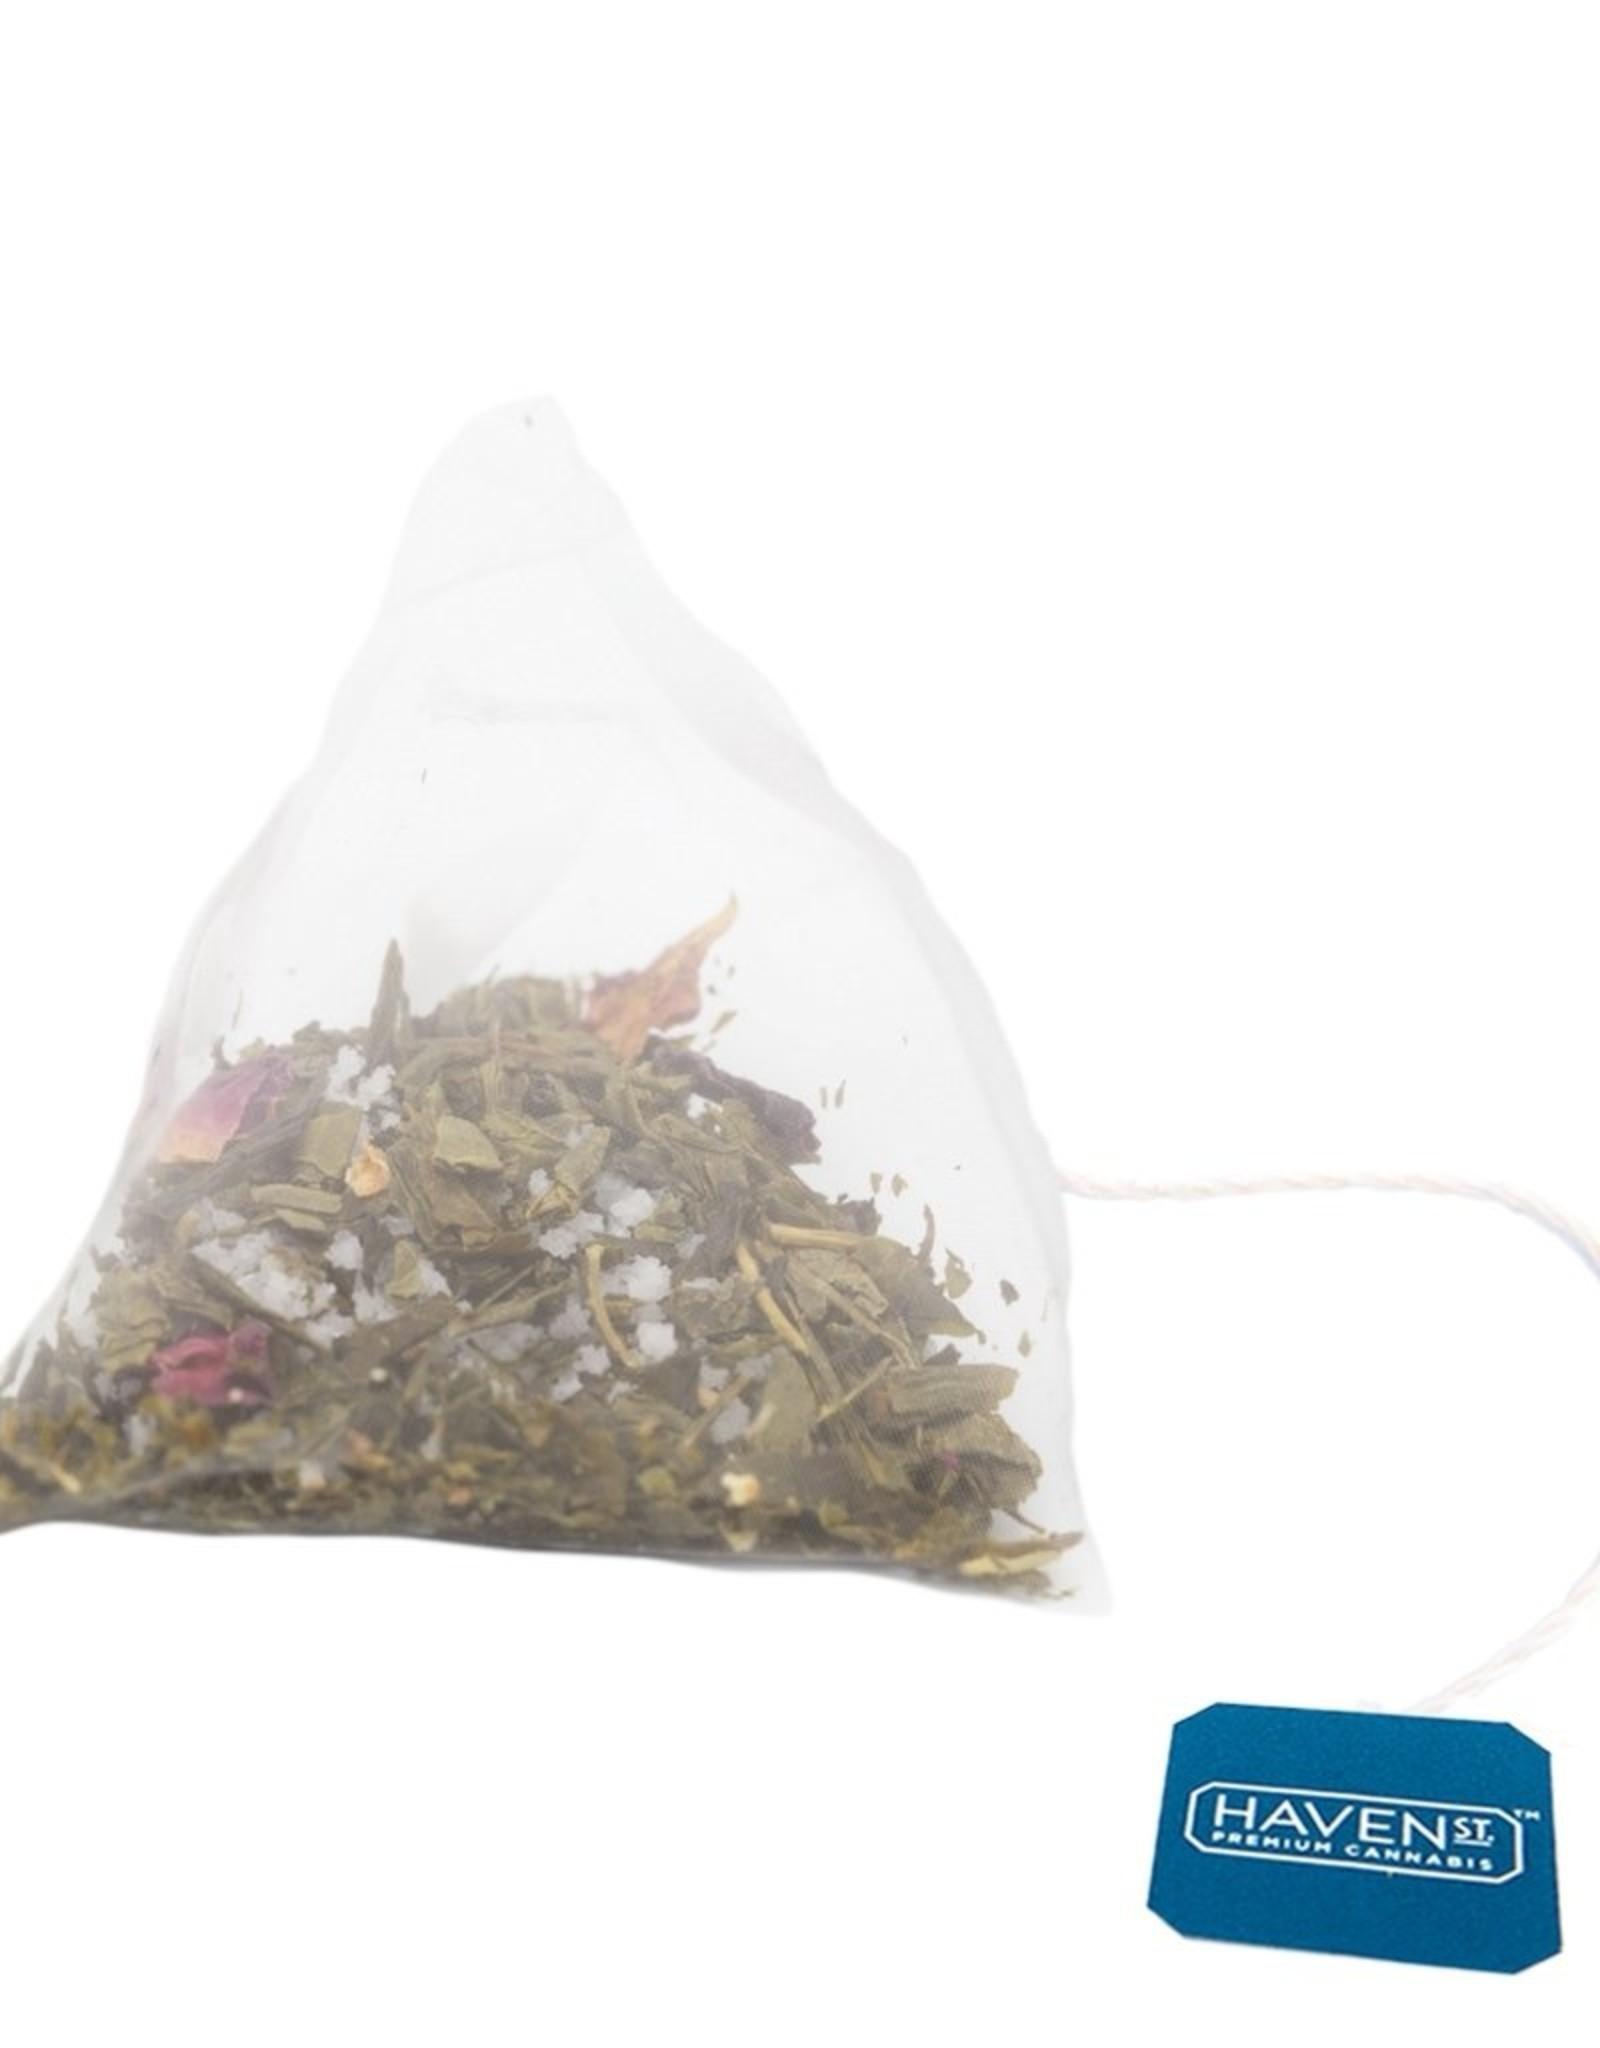 Haven St. Haven St. - No. 150 Peace Tea (CBD tea)